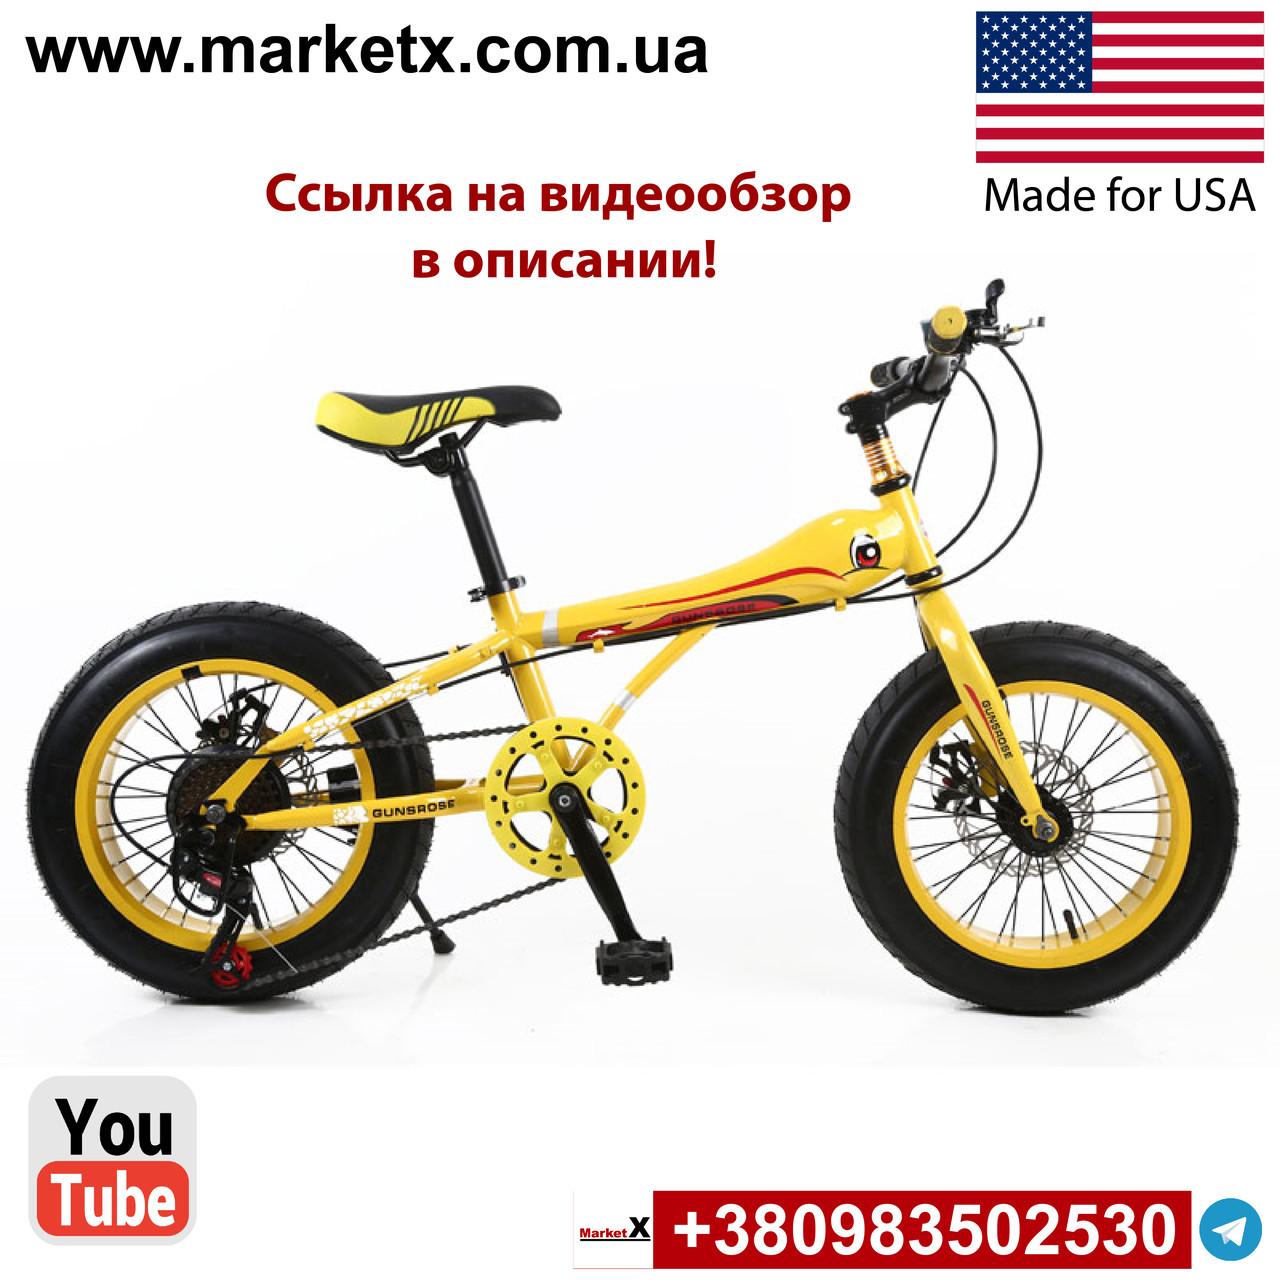 Новинка 2019 года. Детский велосипед 16 дюймов фэтбайк желтый